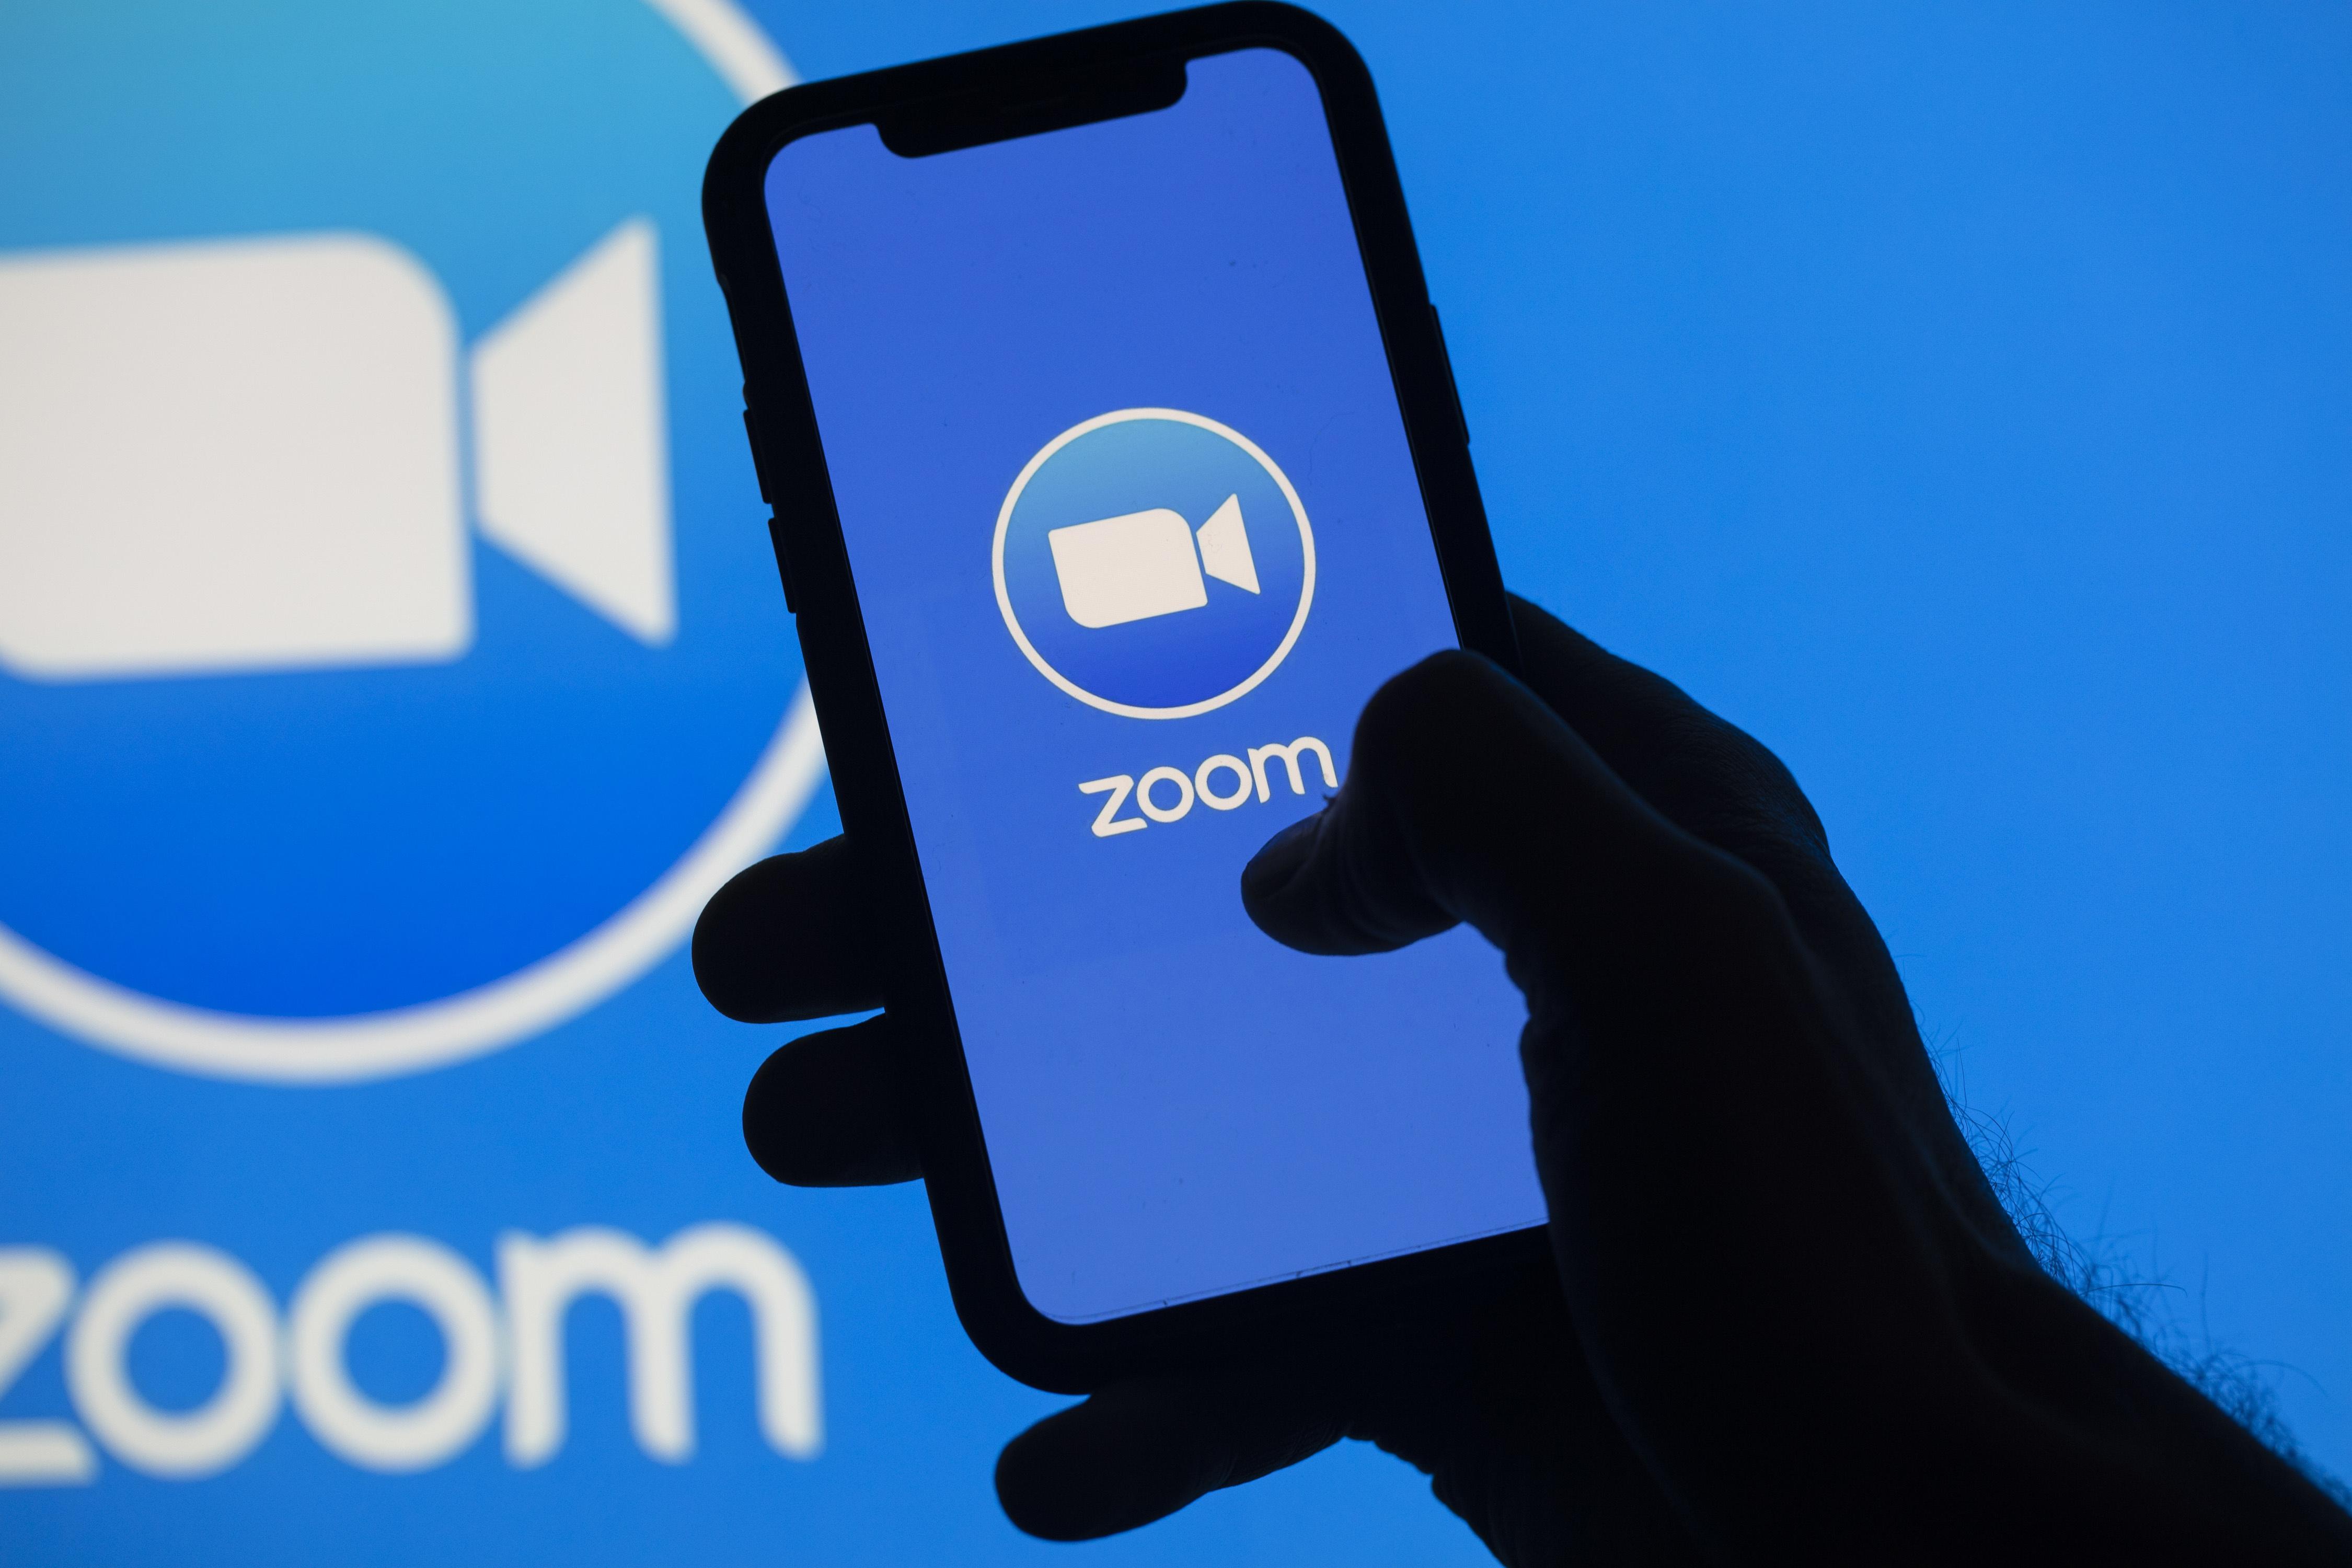 初心者でも分かる「Zoom(ズーム)」の基本〜無料で使える超便利なWEB会議ツールの導入と使い方